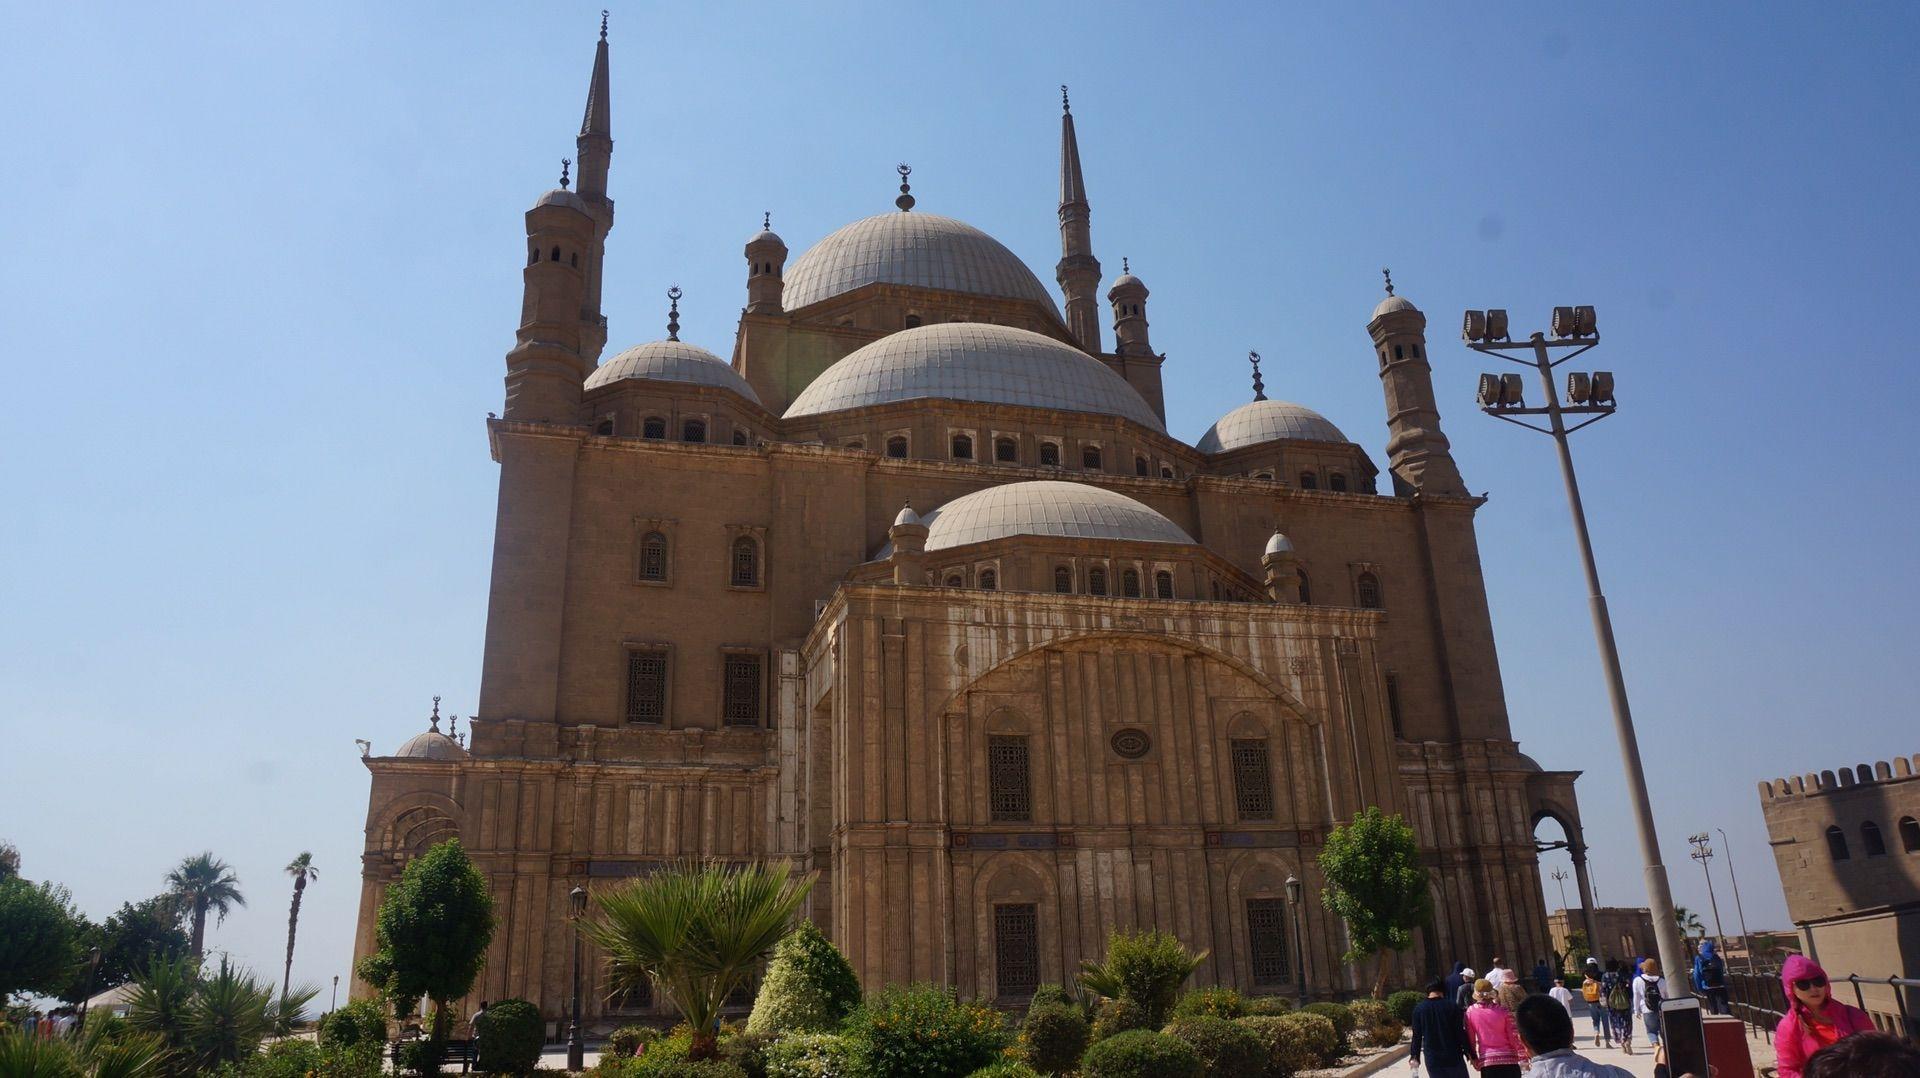 非洲 埃及 开罗 穆罕默德·阿里清真寺 埃及最大的伊斯兰教清真寺